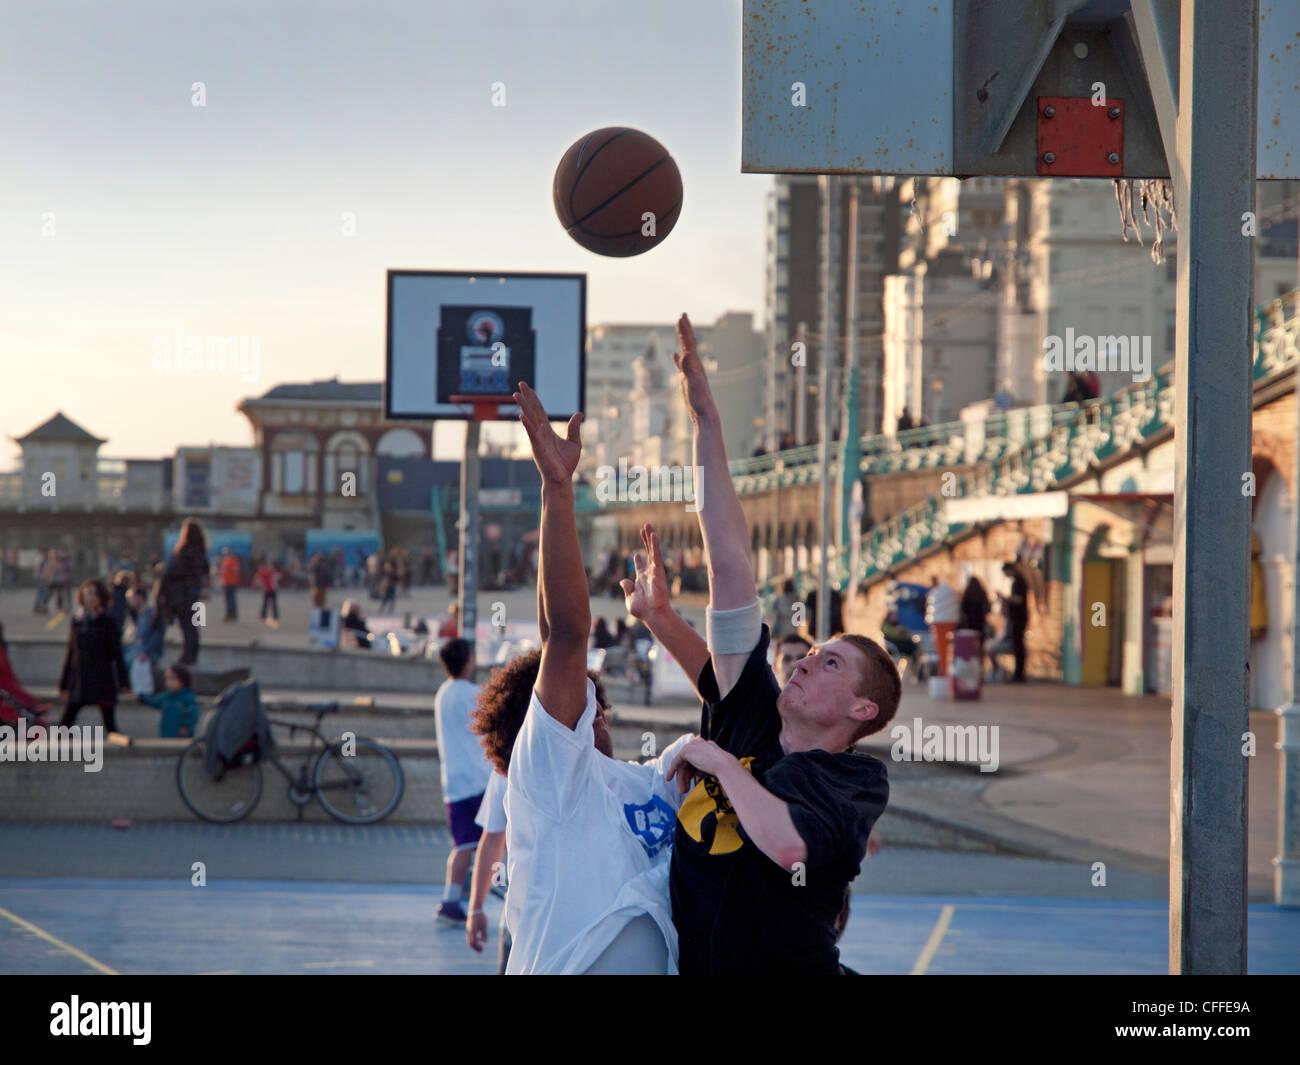 El Baloncesto en el Brighton Seafront corte Imagen De Stock